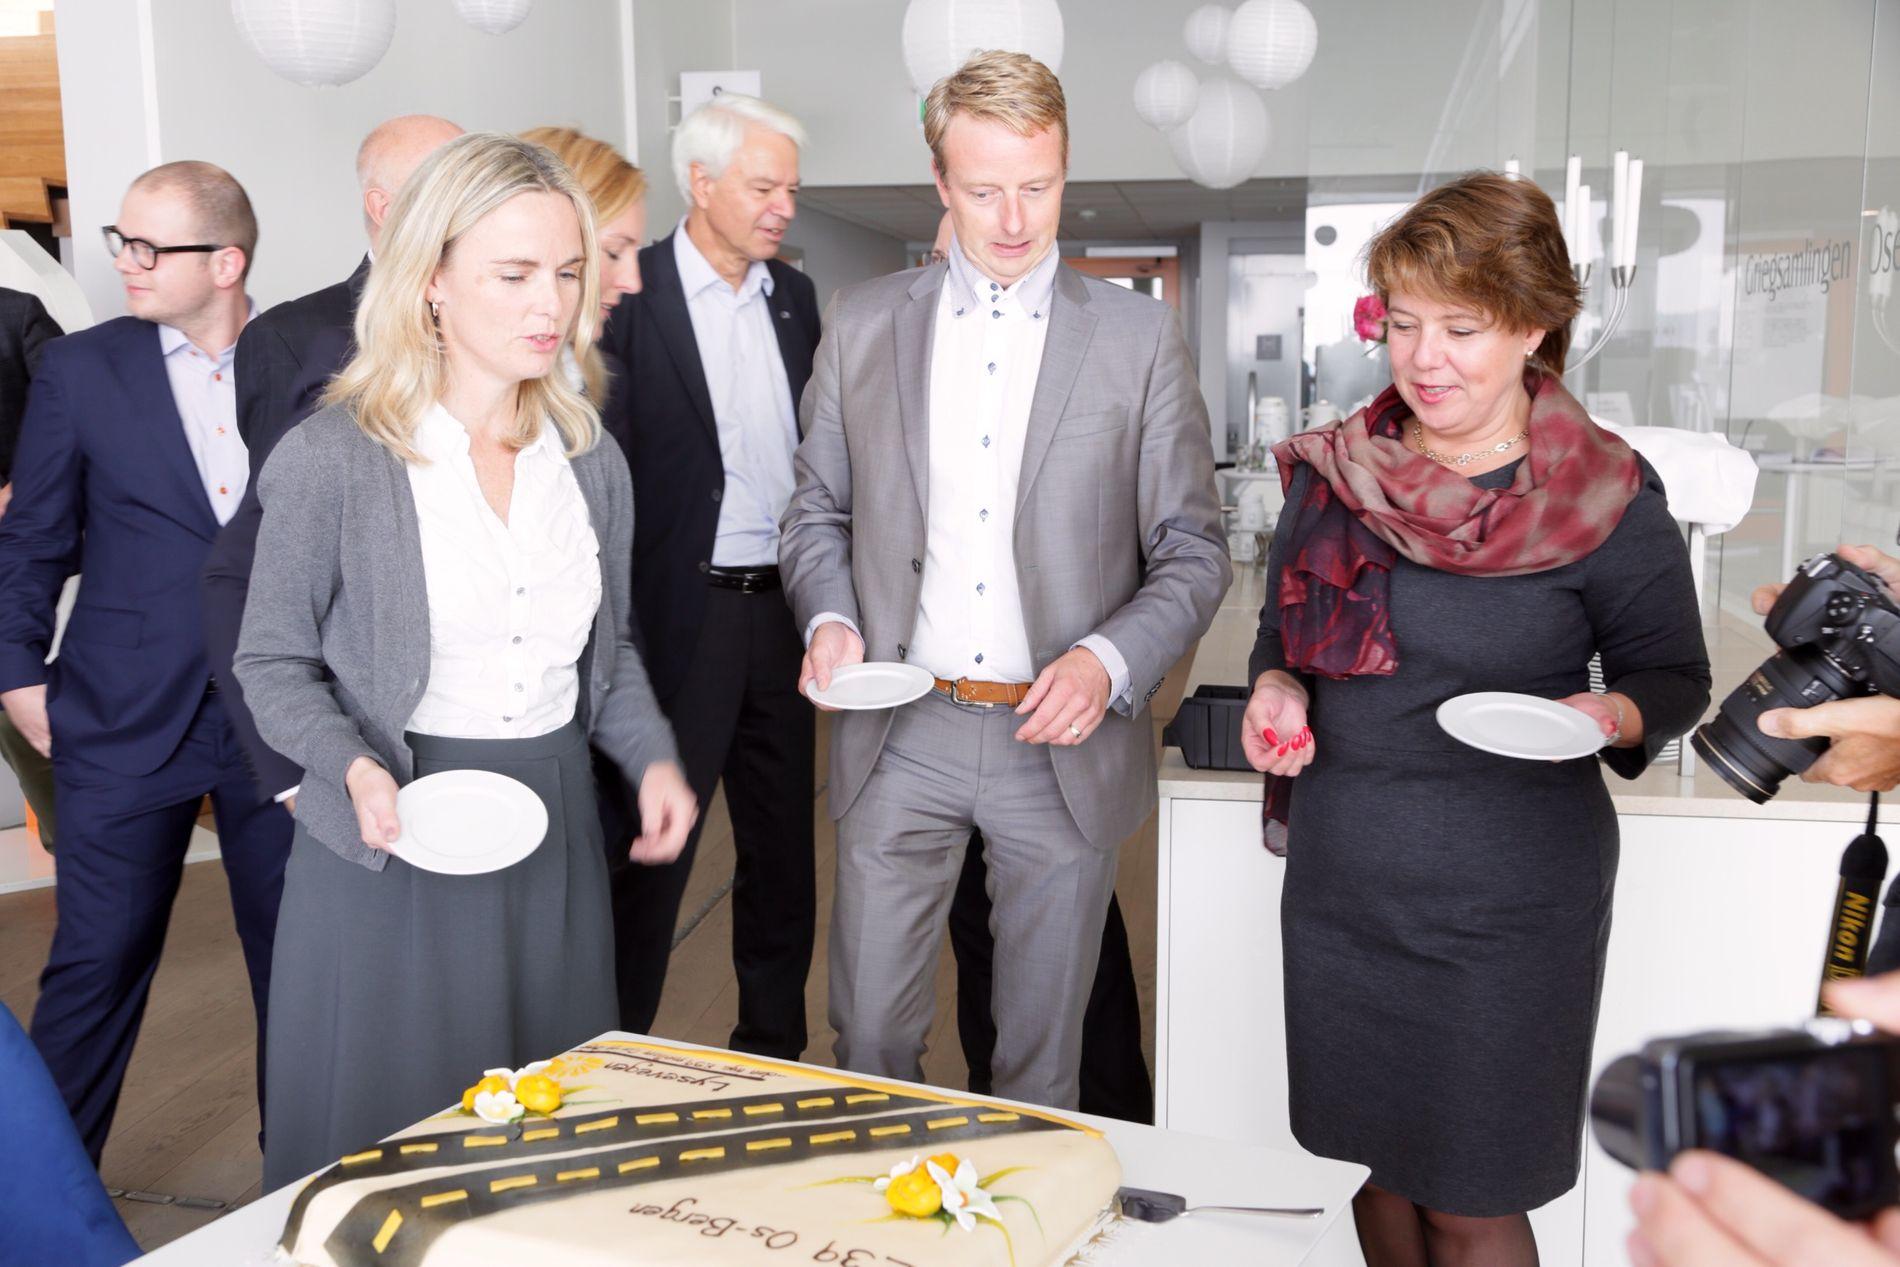 FEST PÅ OS: Den nye veien mellom Bergen og Os feires med kake på pressekonferansen i Os fredag. Her smaker Ragnhild Stolt-Nielsen (t.h.) og Terje Søviknes på kaken.